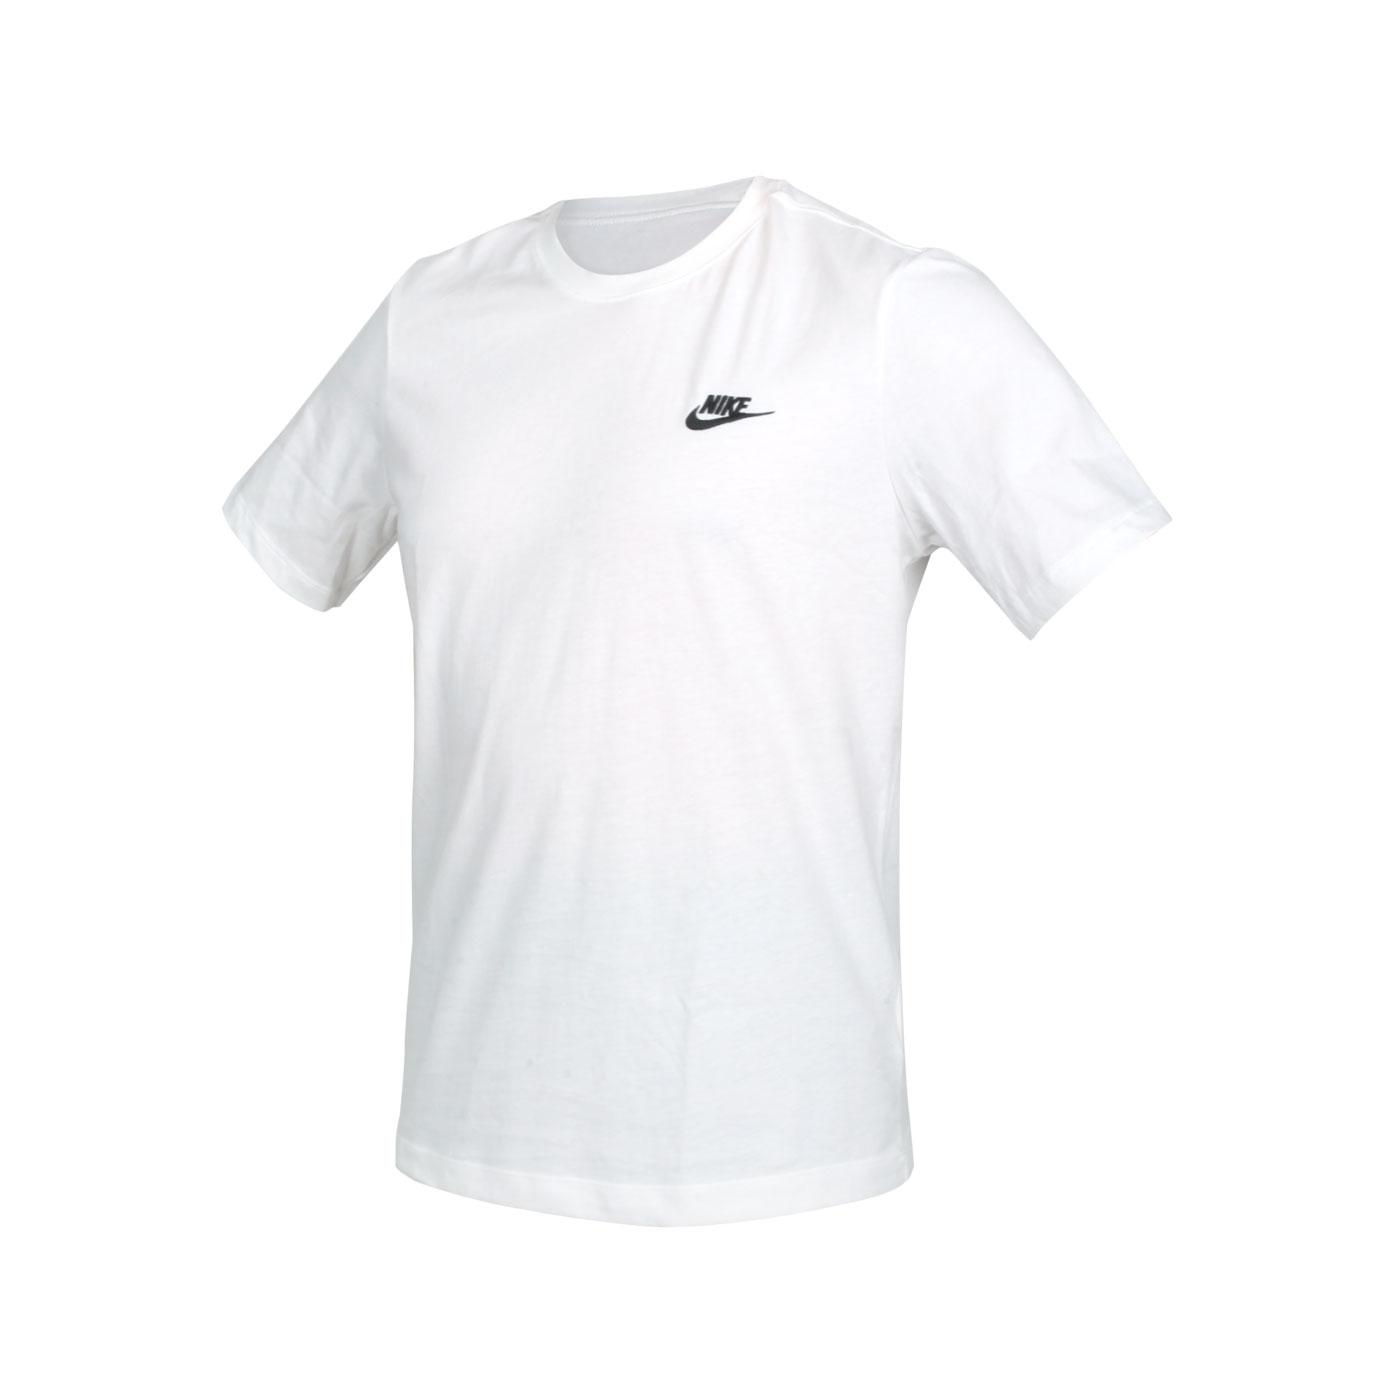 NIKE 男女款短袖T恤 AR4999-101 - 白黑